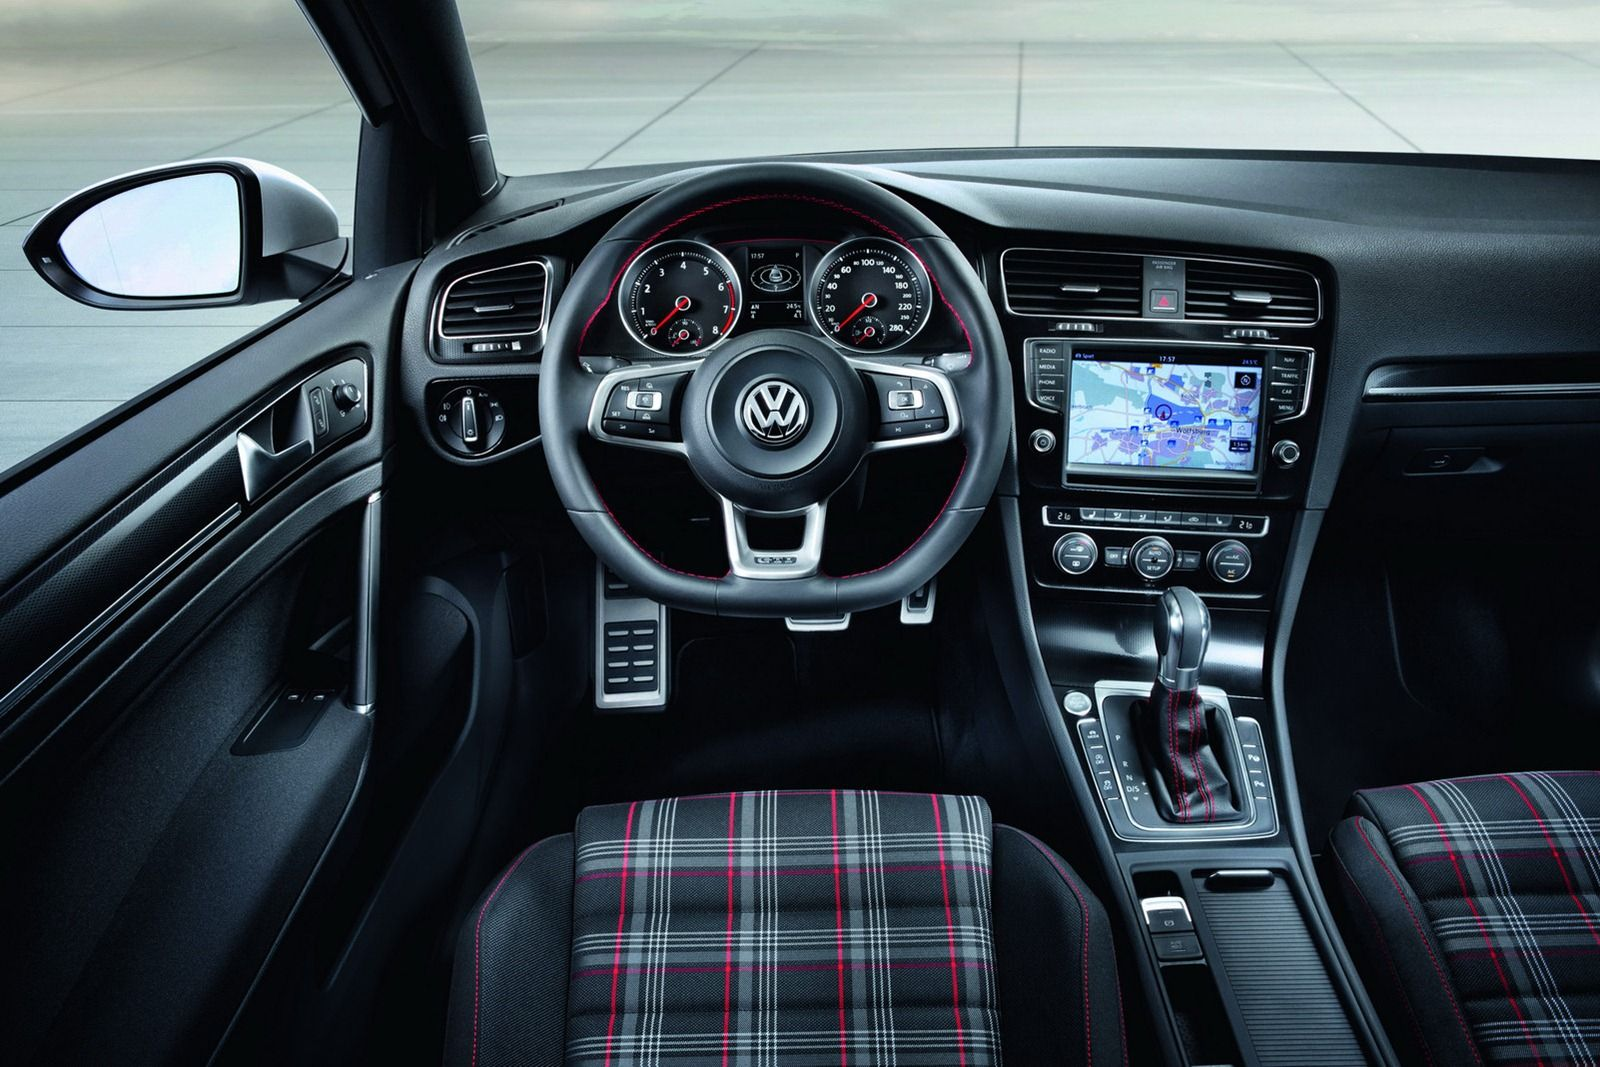 2014 Volkswagen Scirocco Golf Gti Volkswagen Golf Gti Volkswagen Polo